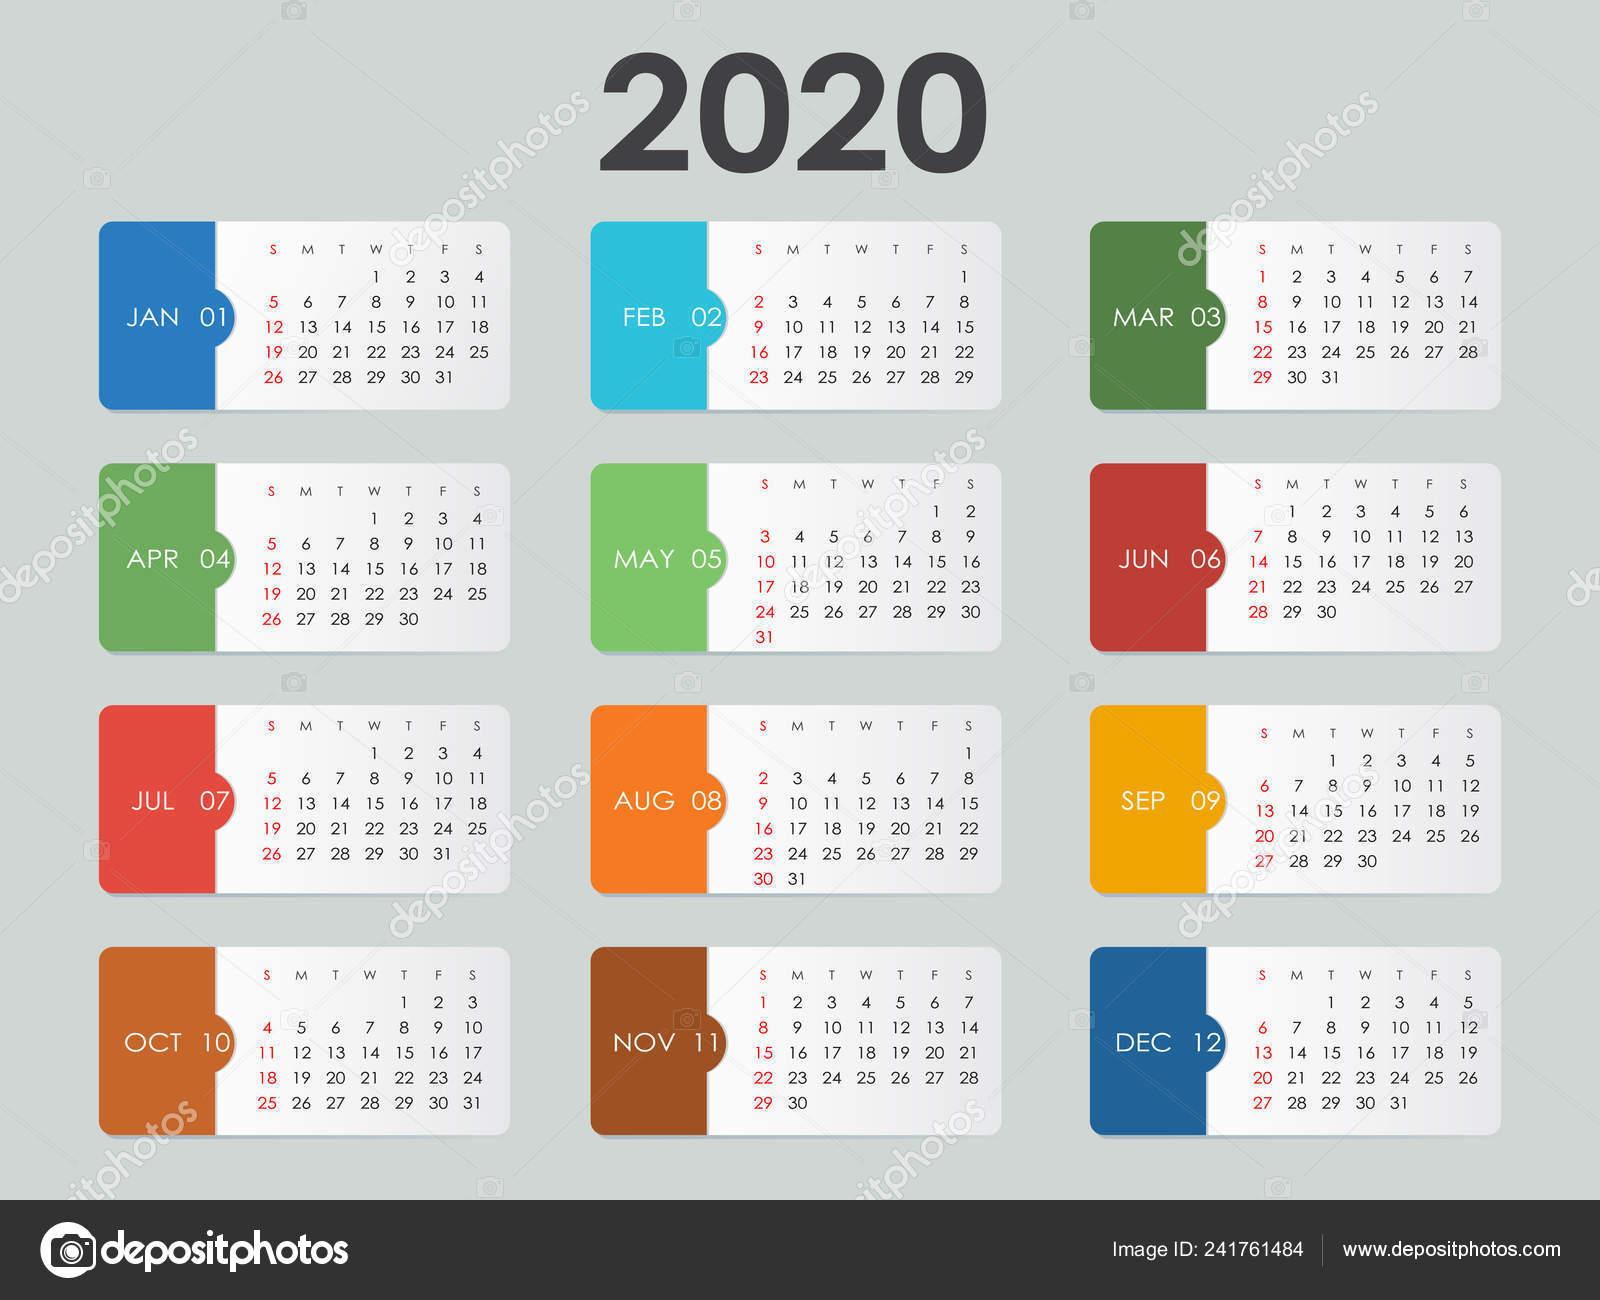 Calendario 2020 Excel Italiano.Jahreskalender 2020